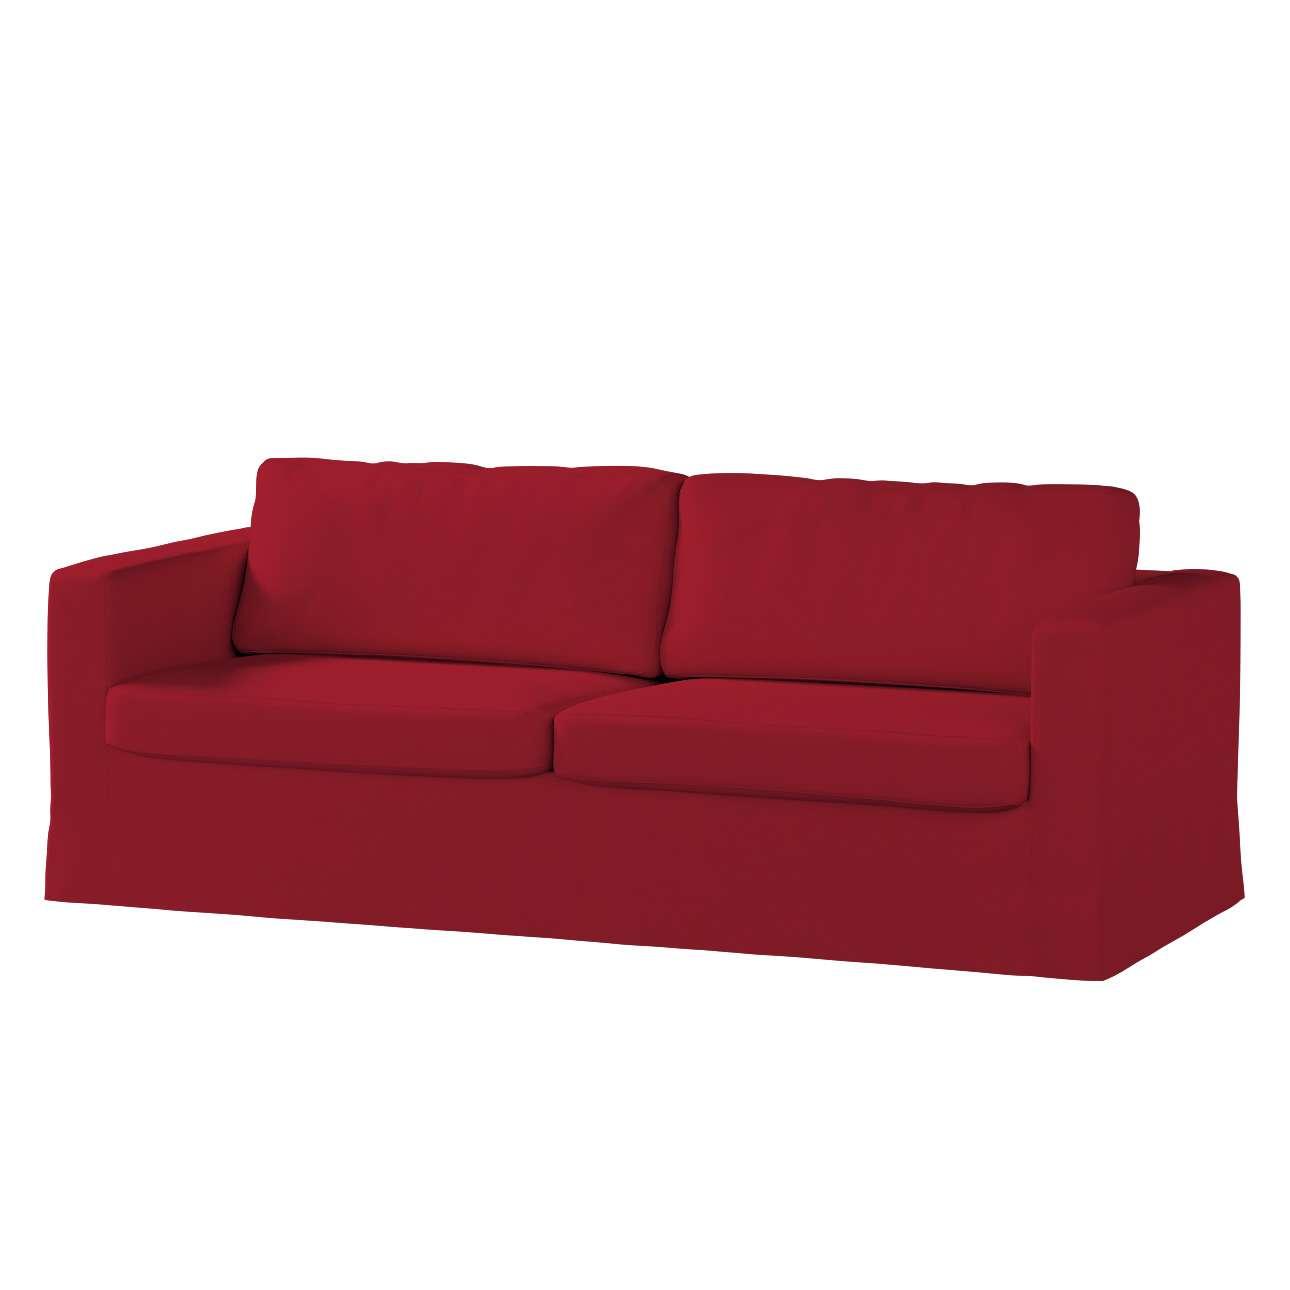 Karlstad trivietės sofos užvalkalas (ilgas, iki žemės) Karlstad trivietės sofos užvalkalas (ilgas, iki žemės) kolekcijoje Chenille, audinys: 702-24